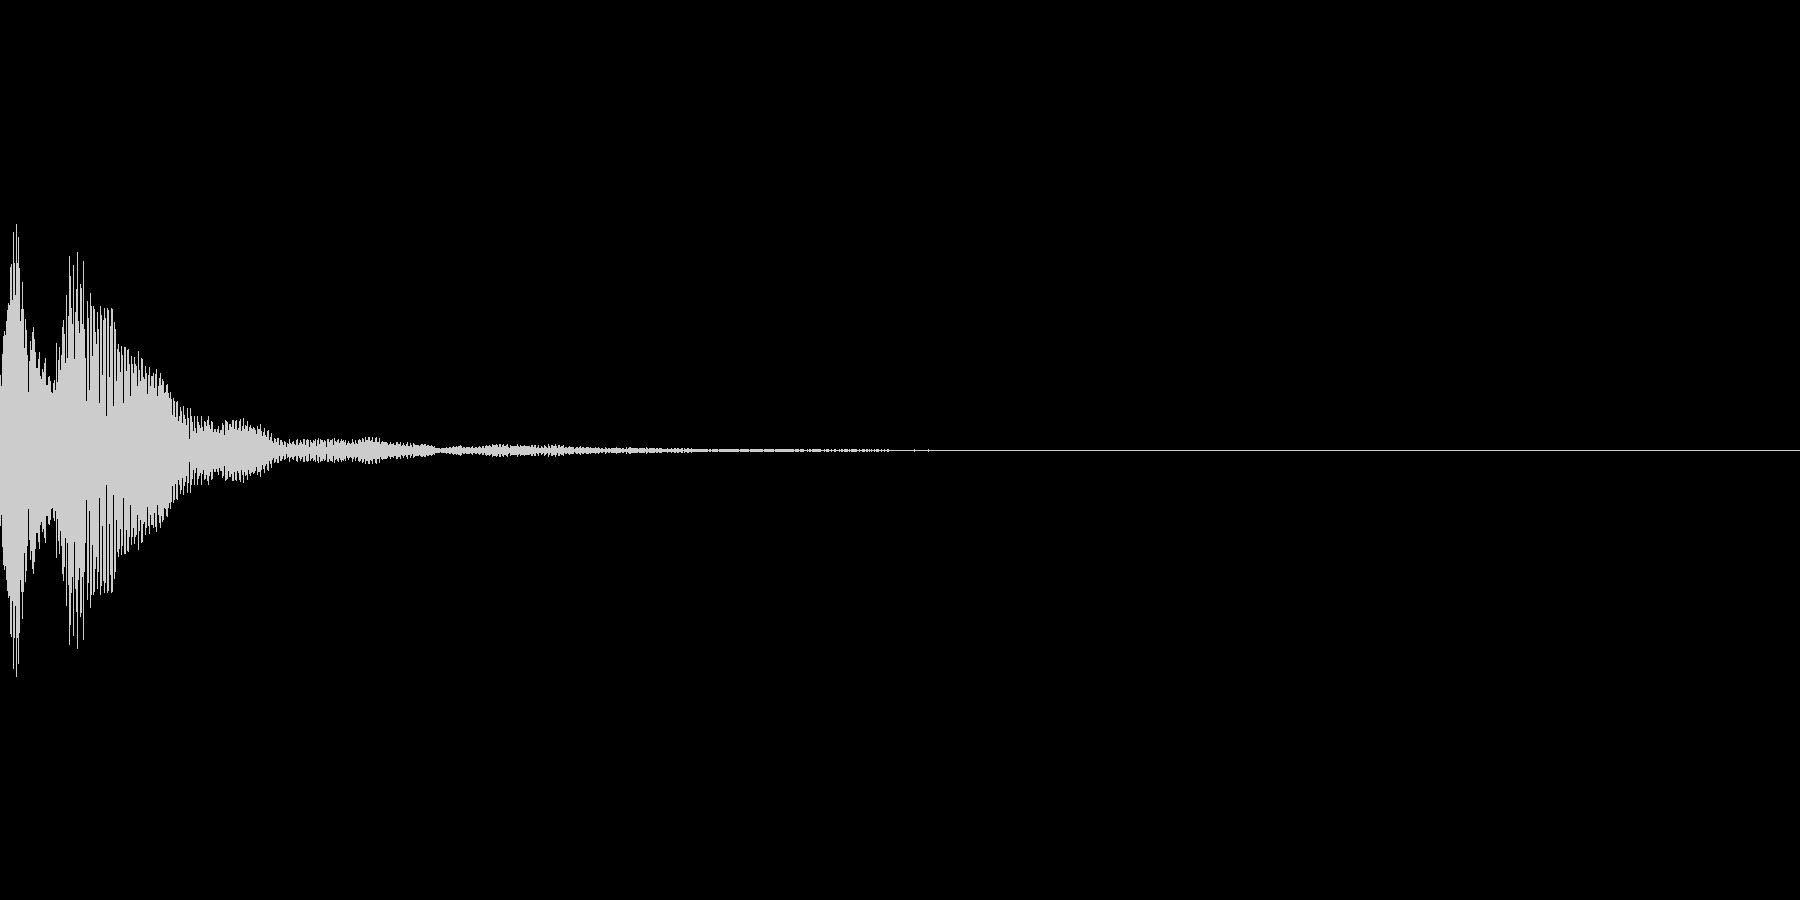 通知音&ウィンドウポップアップ音の未再生の波形